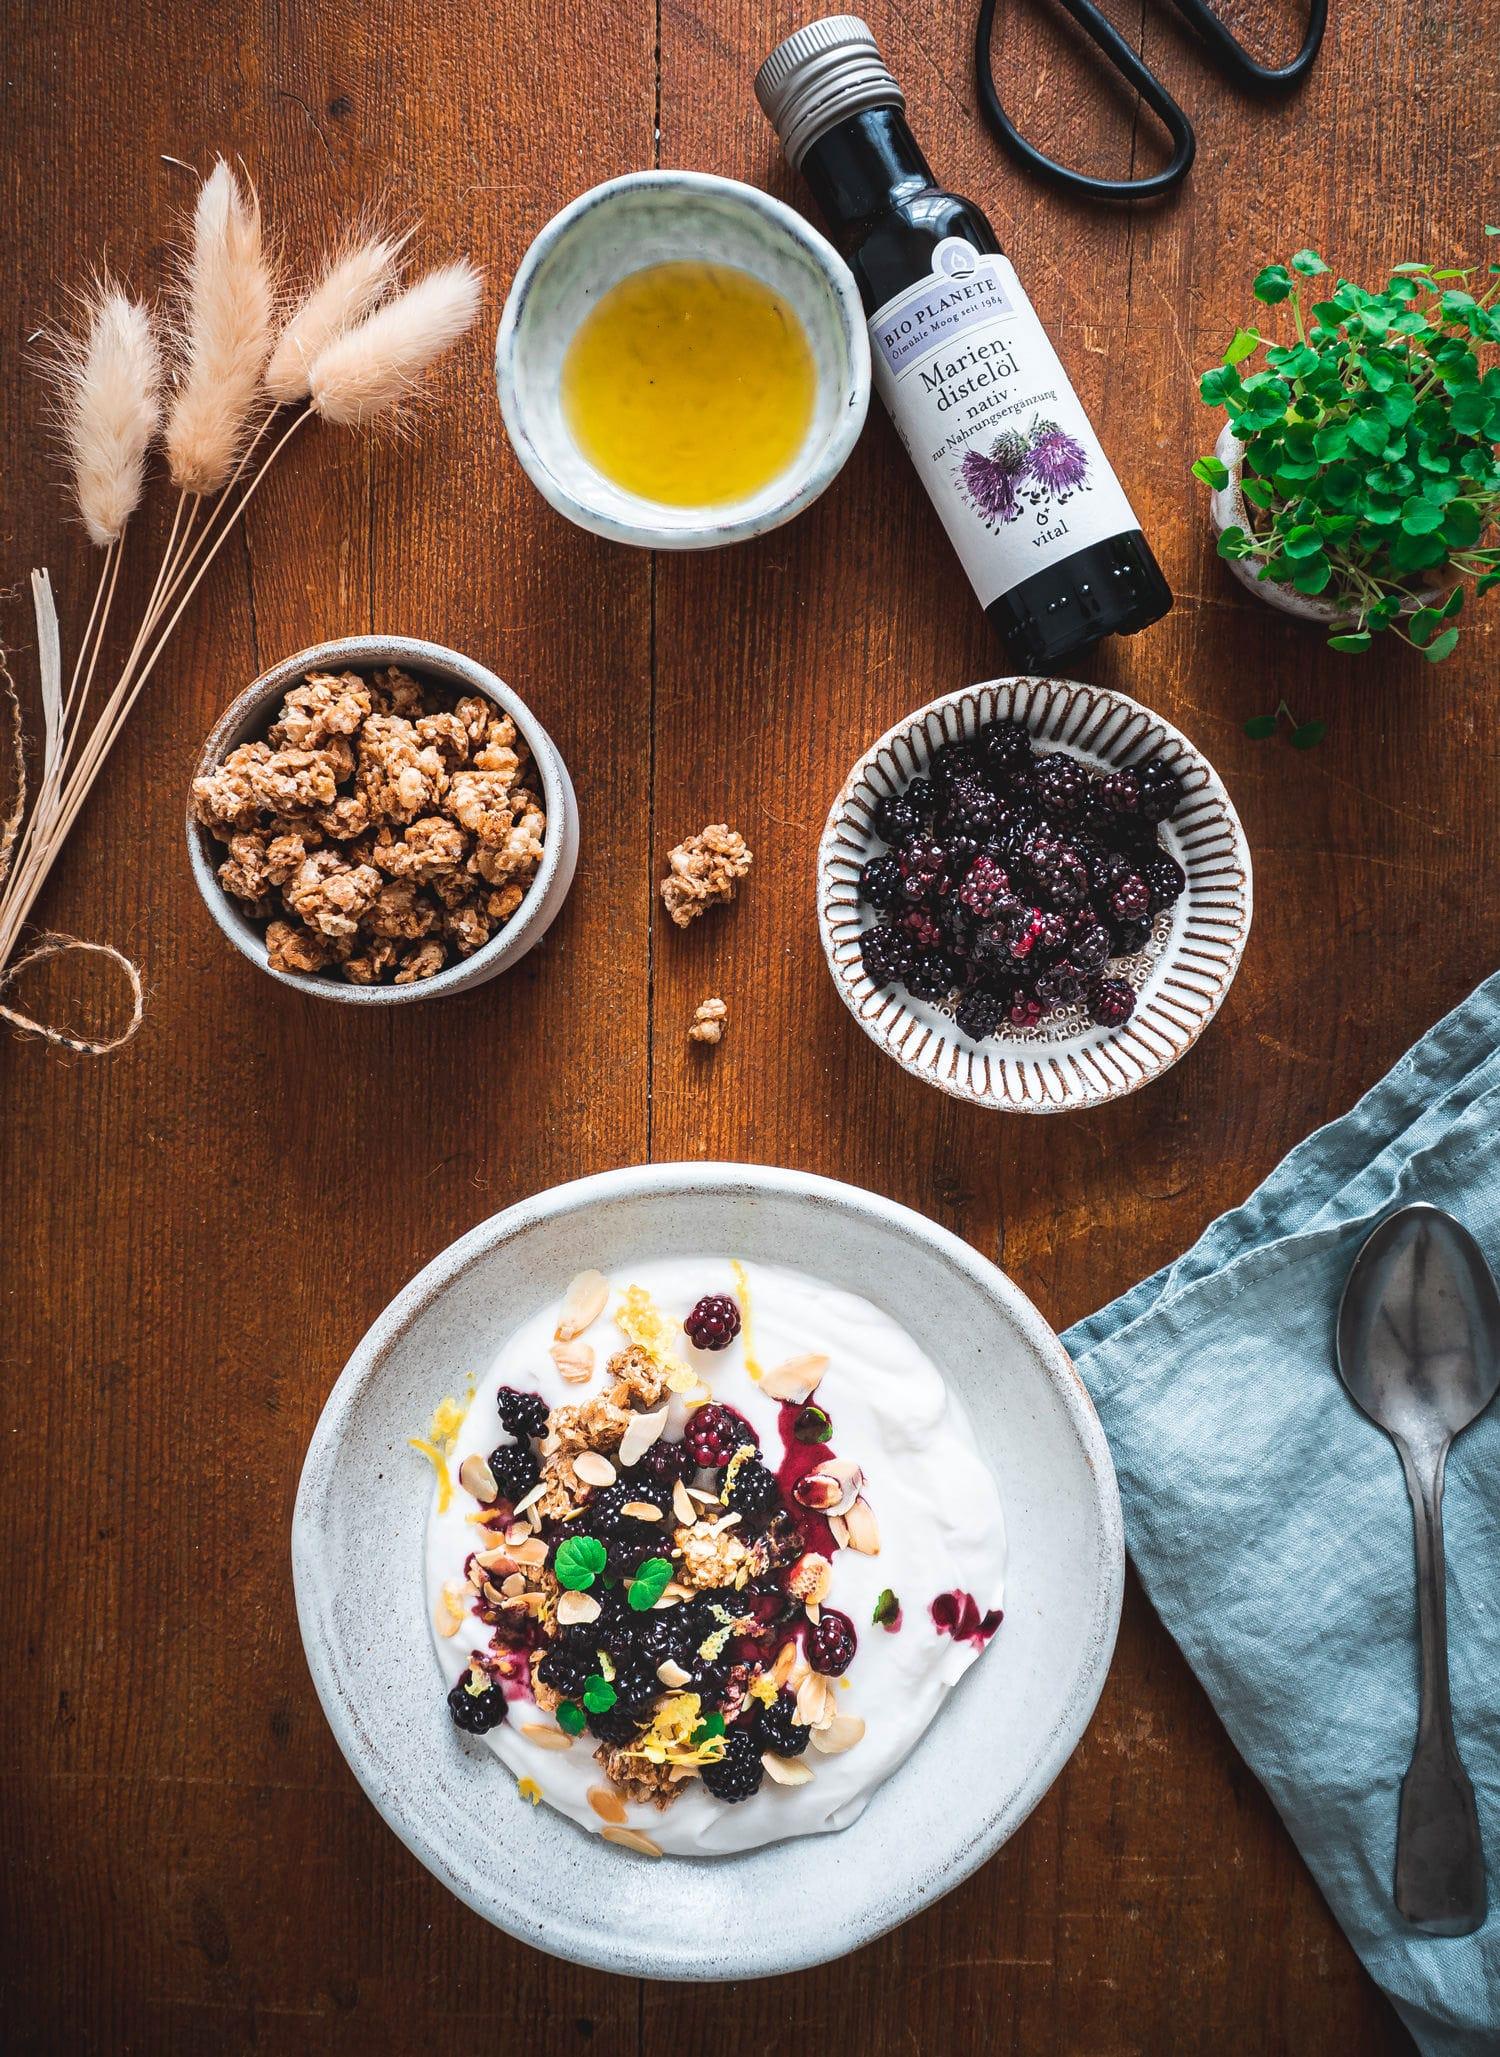 Gesundes Brombeeren Frühstücksrezept mit Mariendistelöl, Cashew Joghurt &Granola